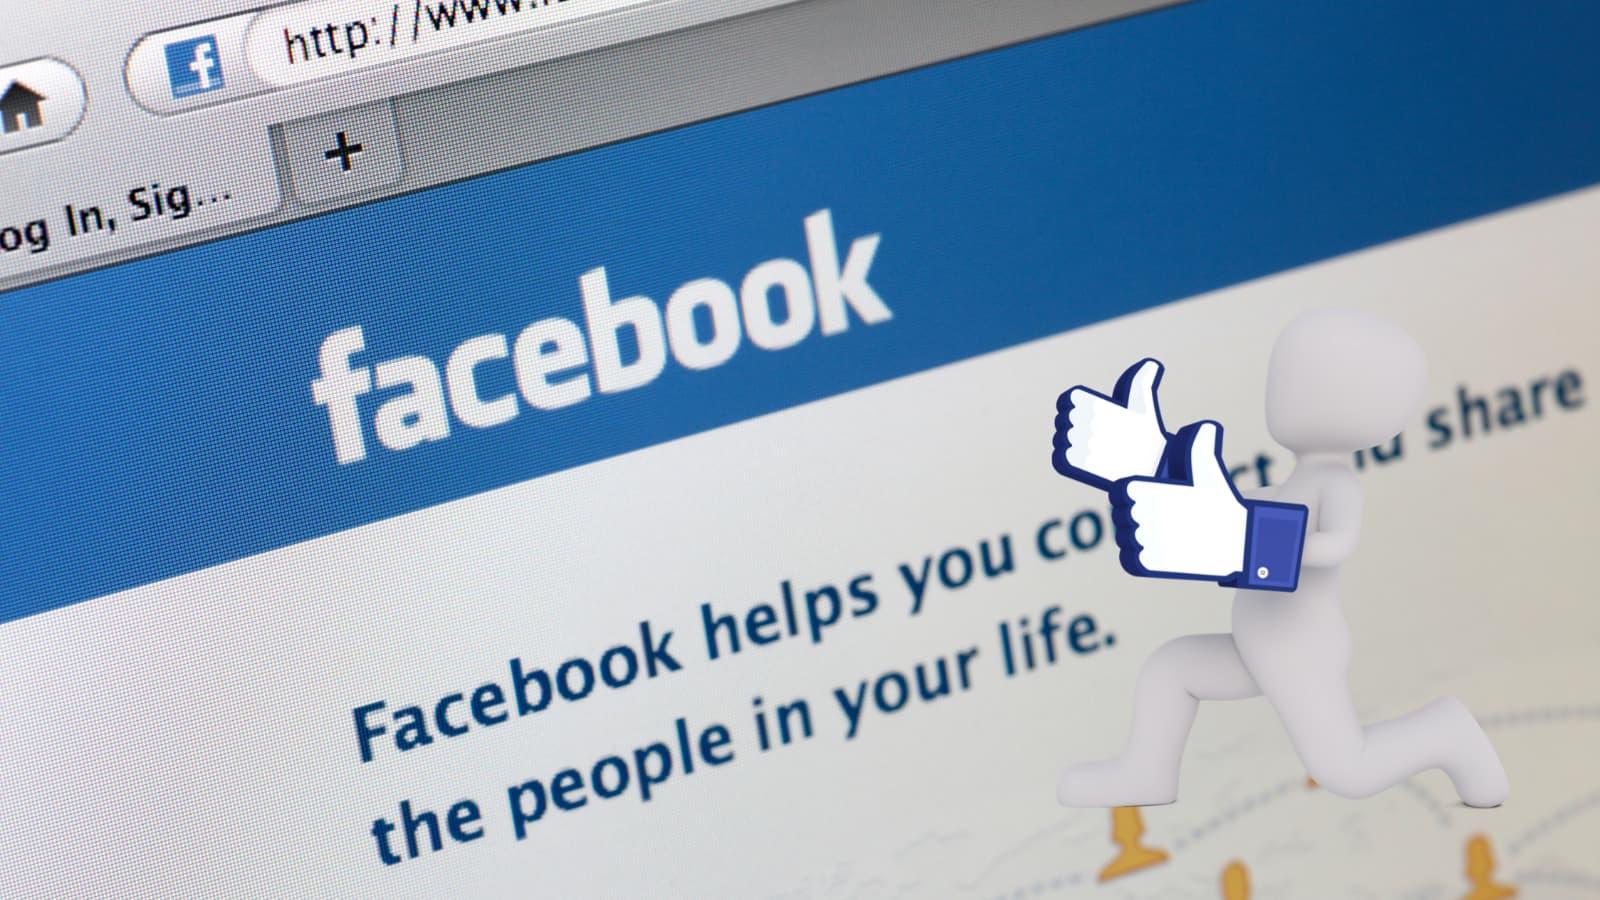 Lượng người theo dõi trên Facebook là gì